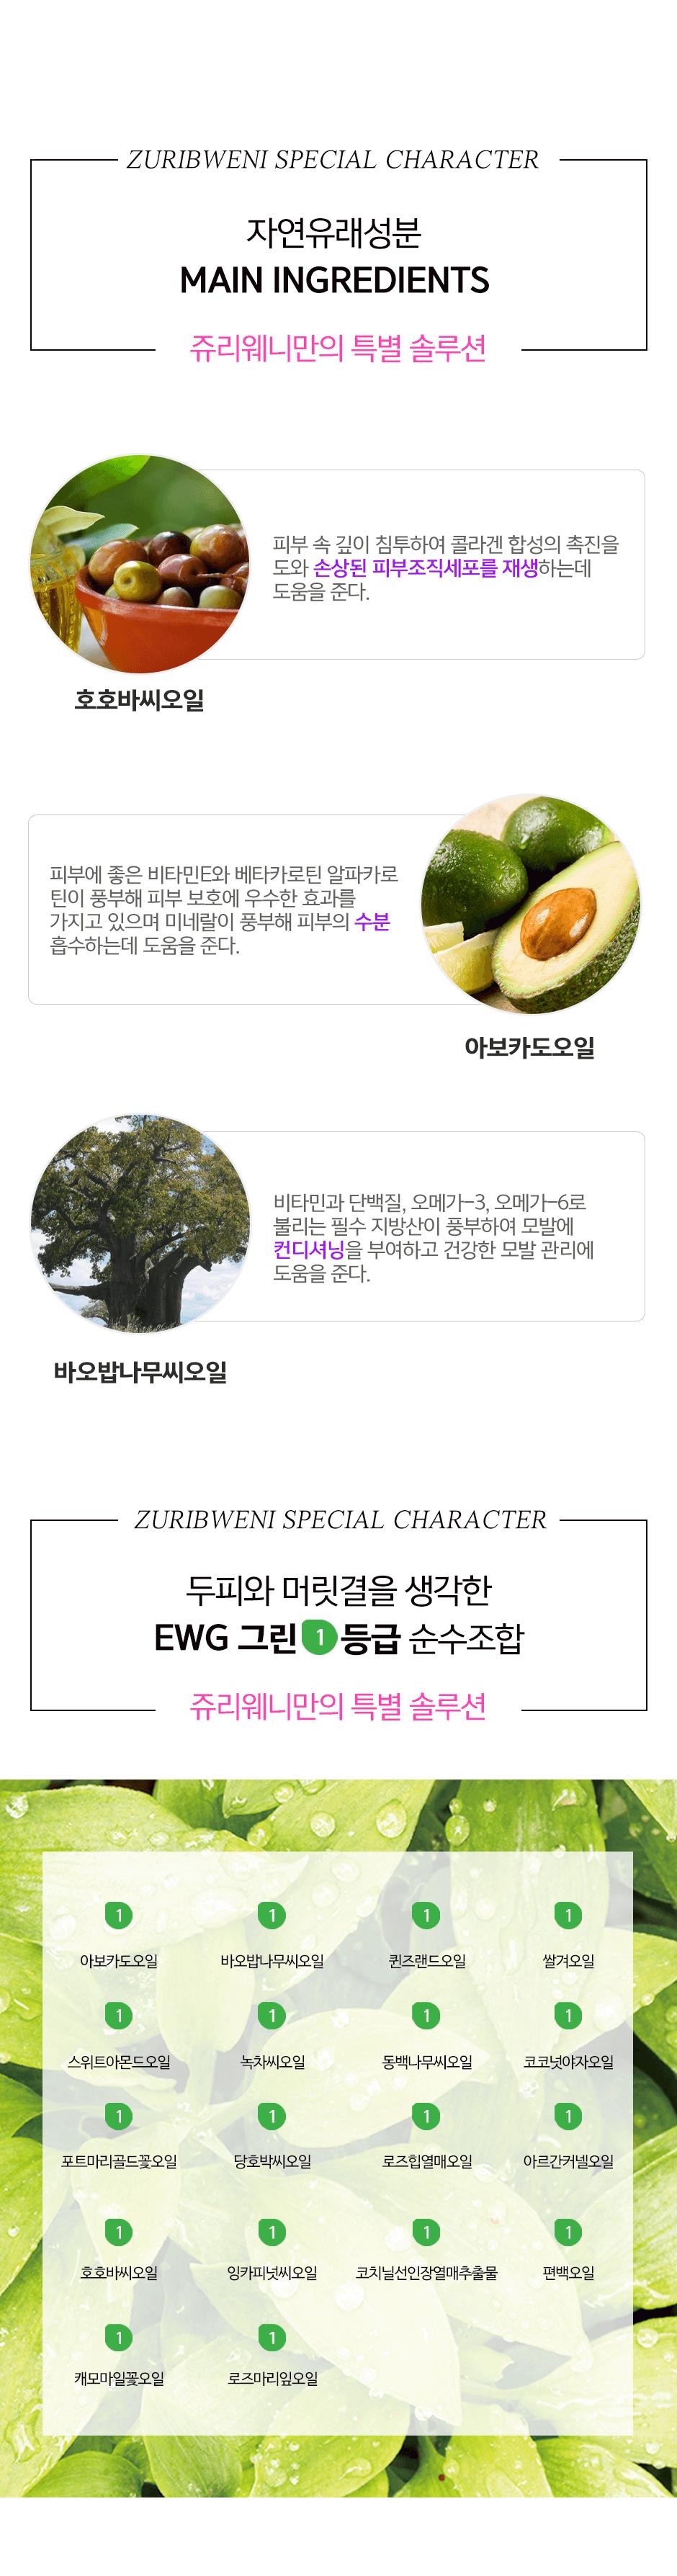 YGS 패스트 퍼퓸 트리트먼트 - 쥬리웨니, 19,900원, 헤어케어, 샴푸/린스